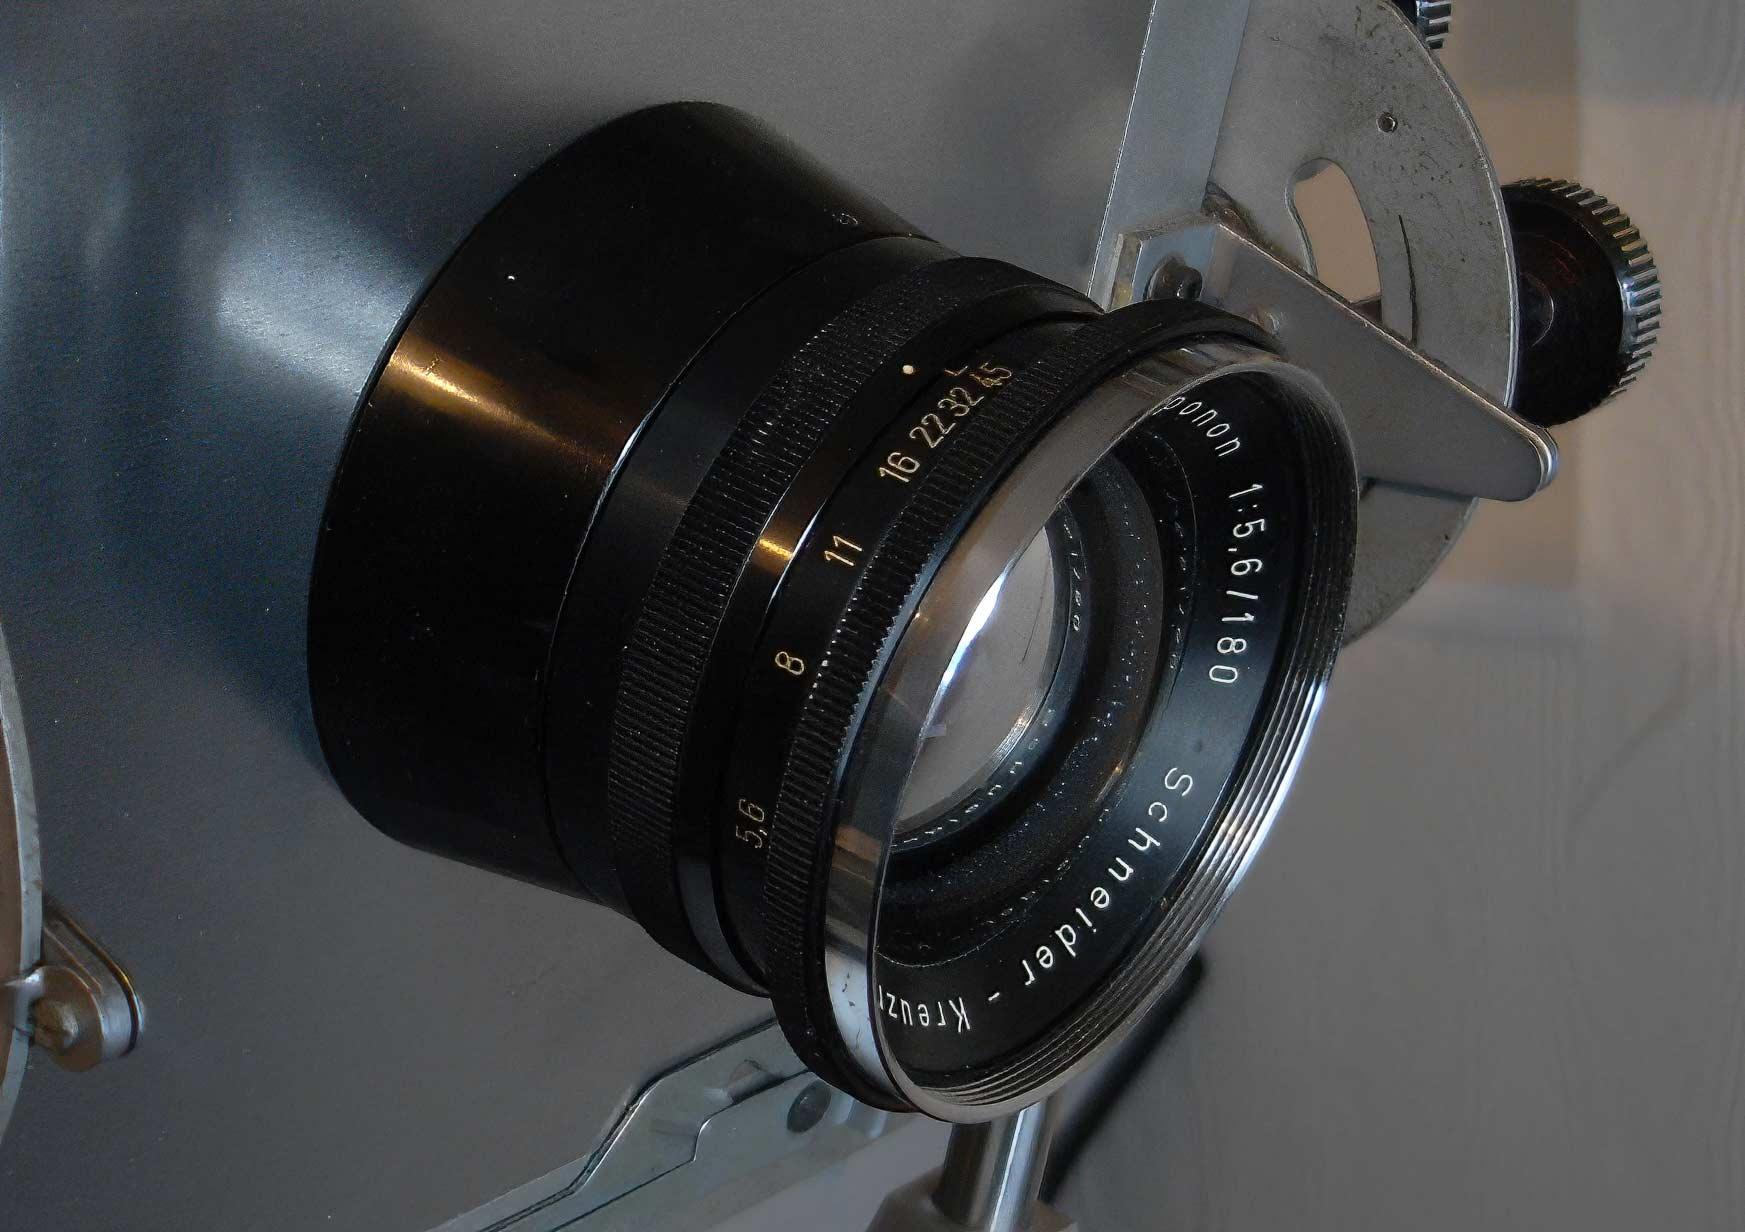 Schneider 180mm f/5.6